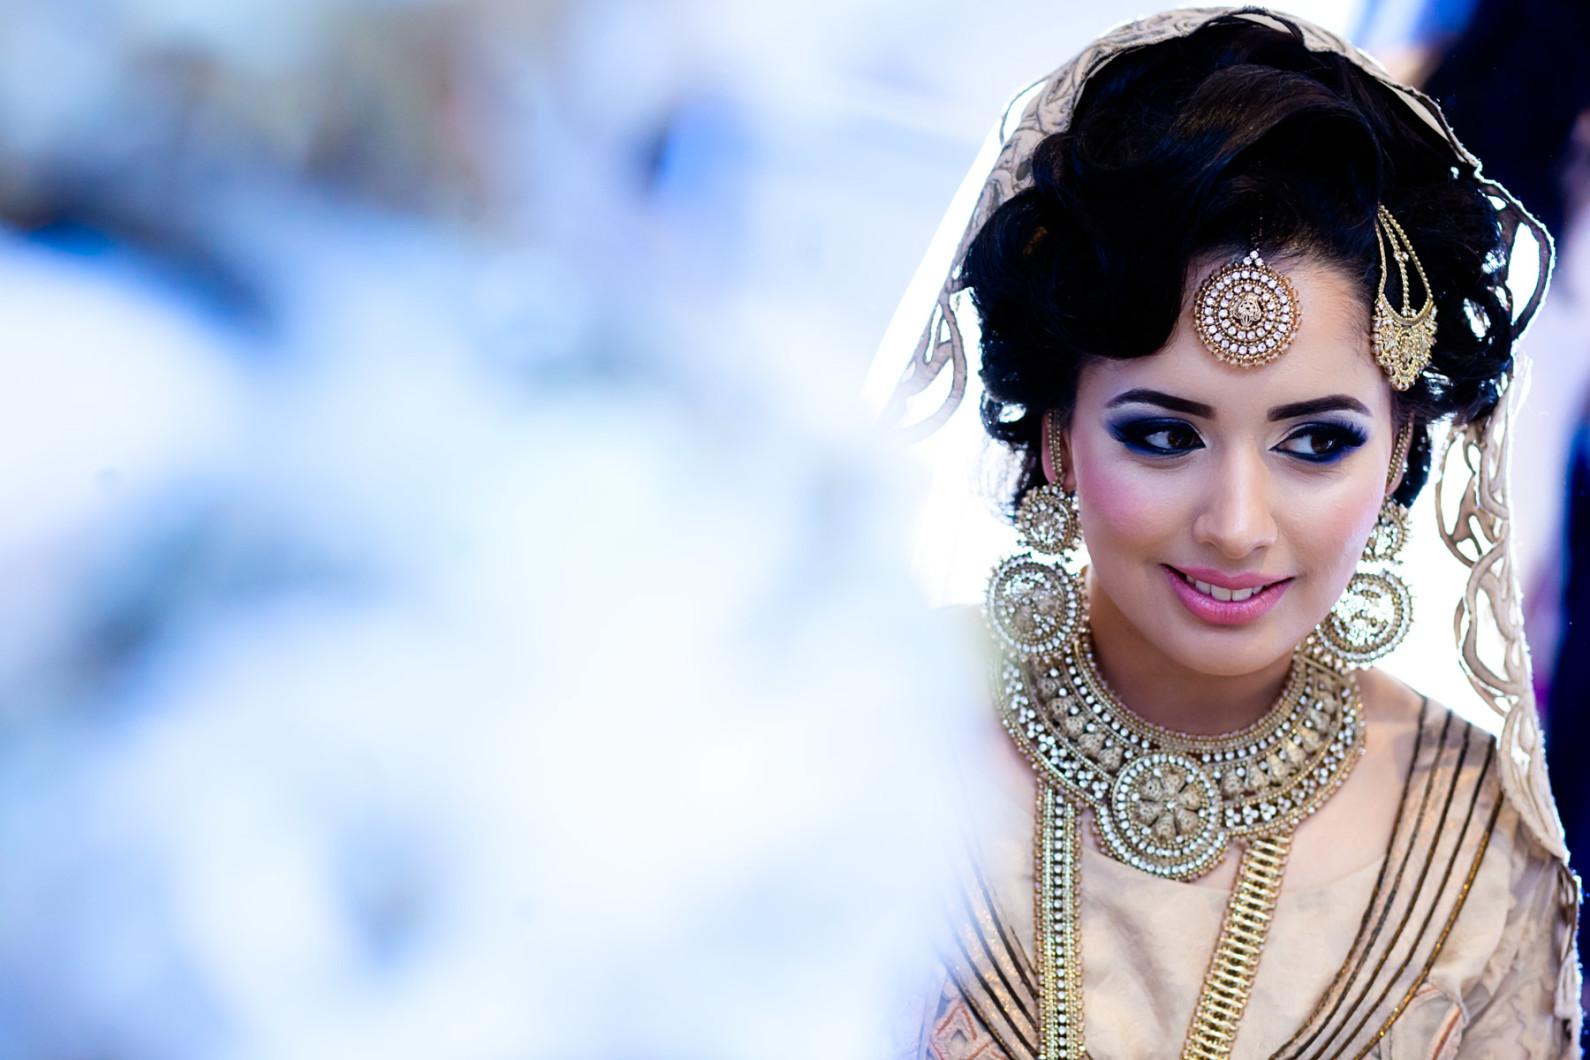 Hana & Karamat Muslim Wedding Photography in London